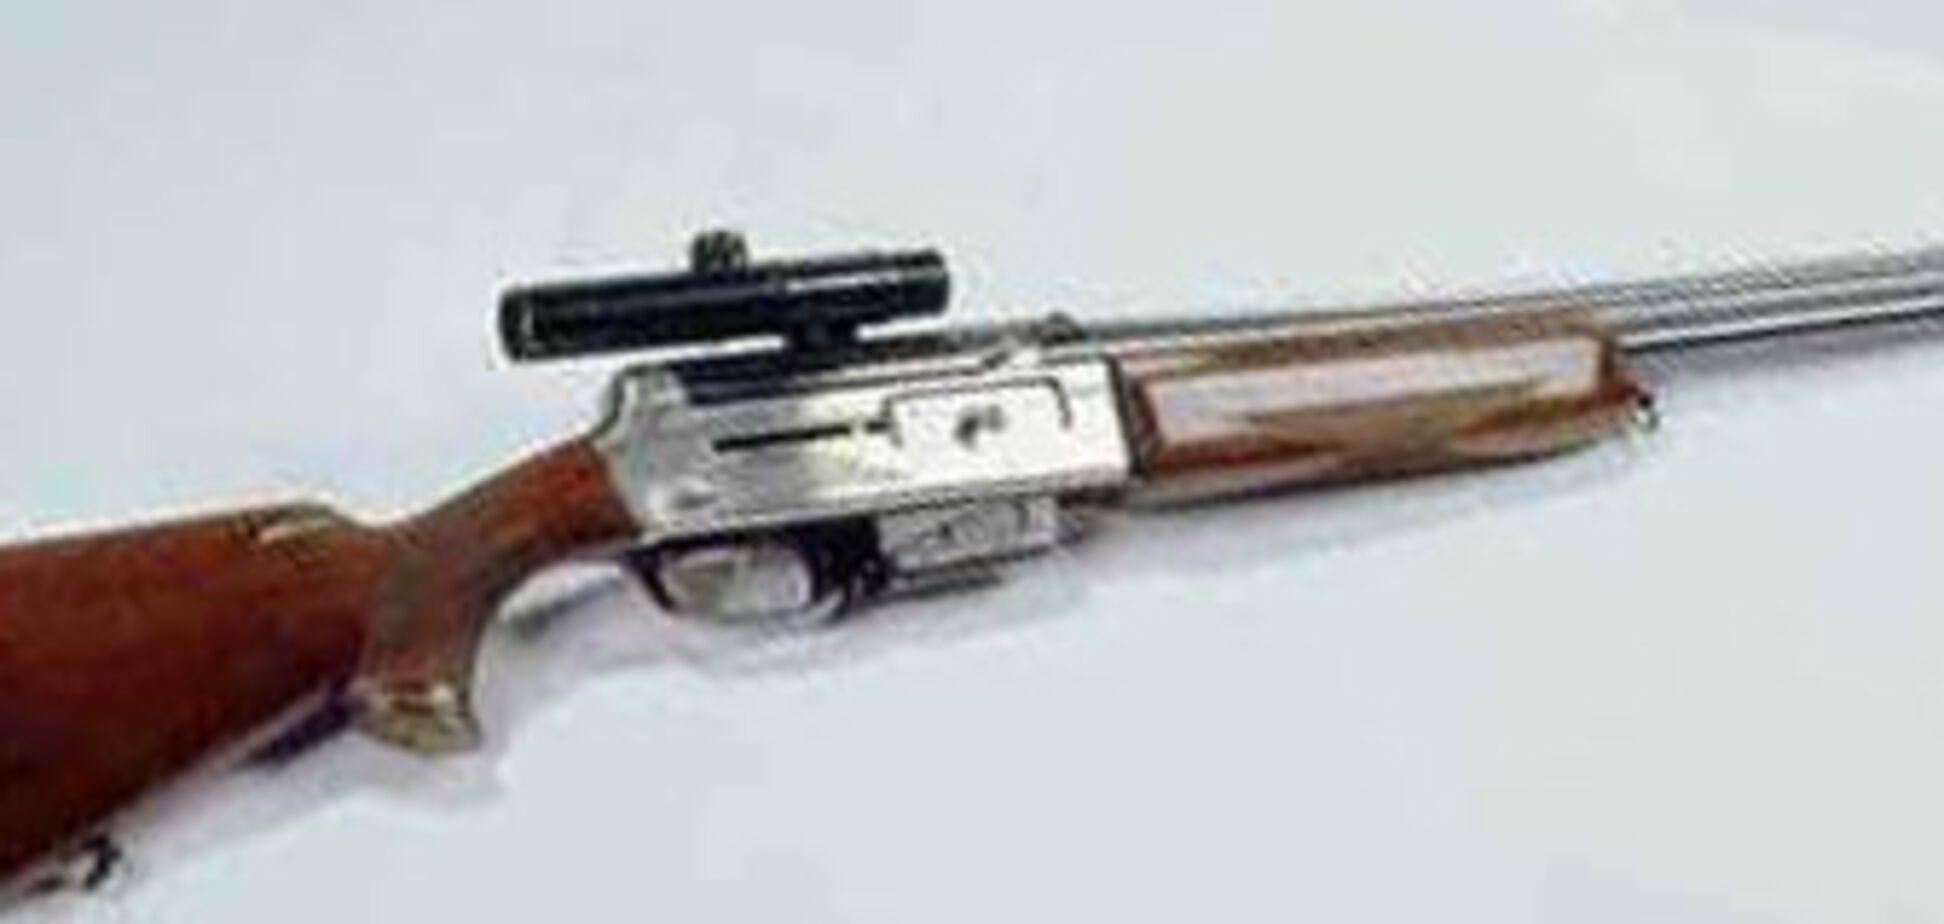 Батько розстріляв сина з рушниці